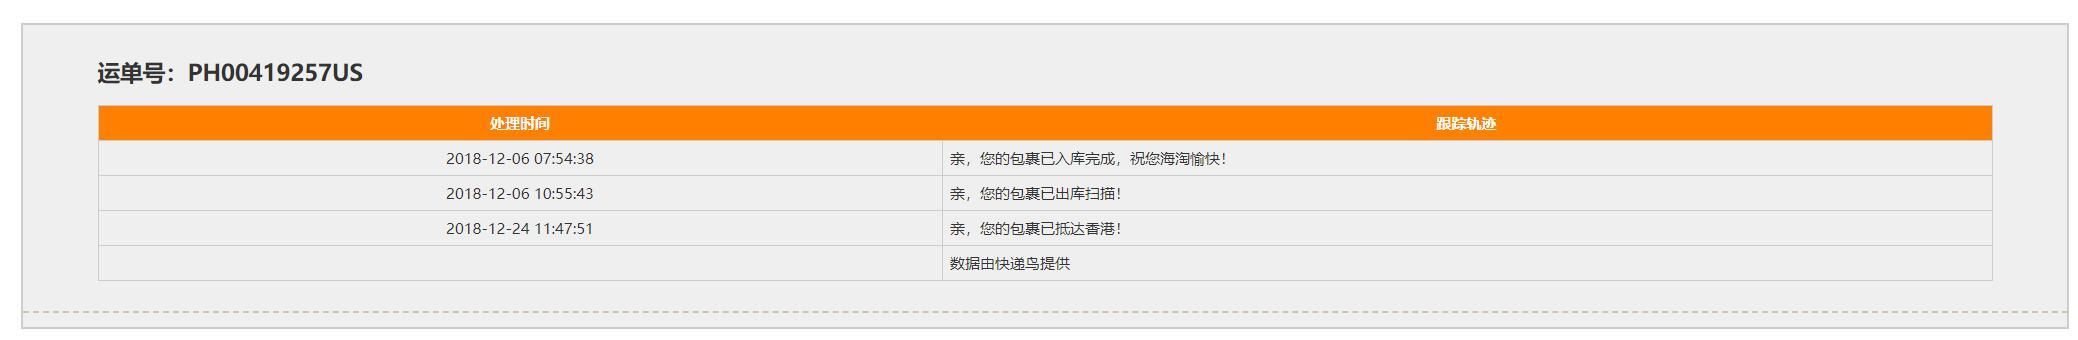 美线真慢啊,年前都不一定能收到。更新:不仅仅是慢,是只能香港自提了。